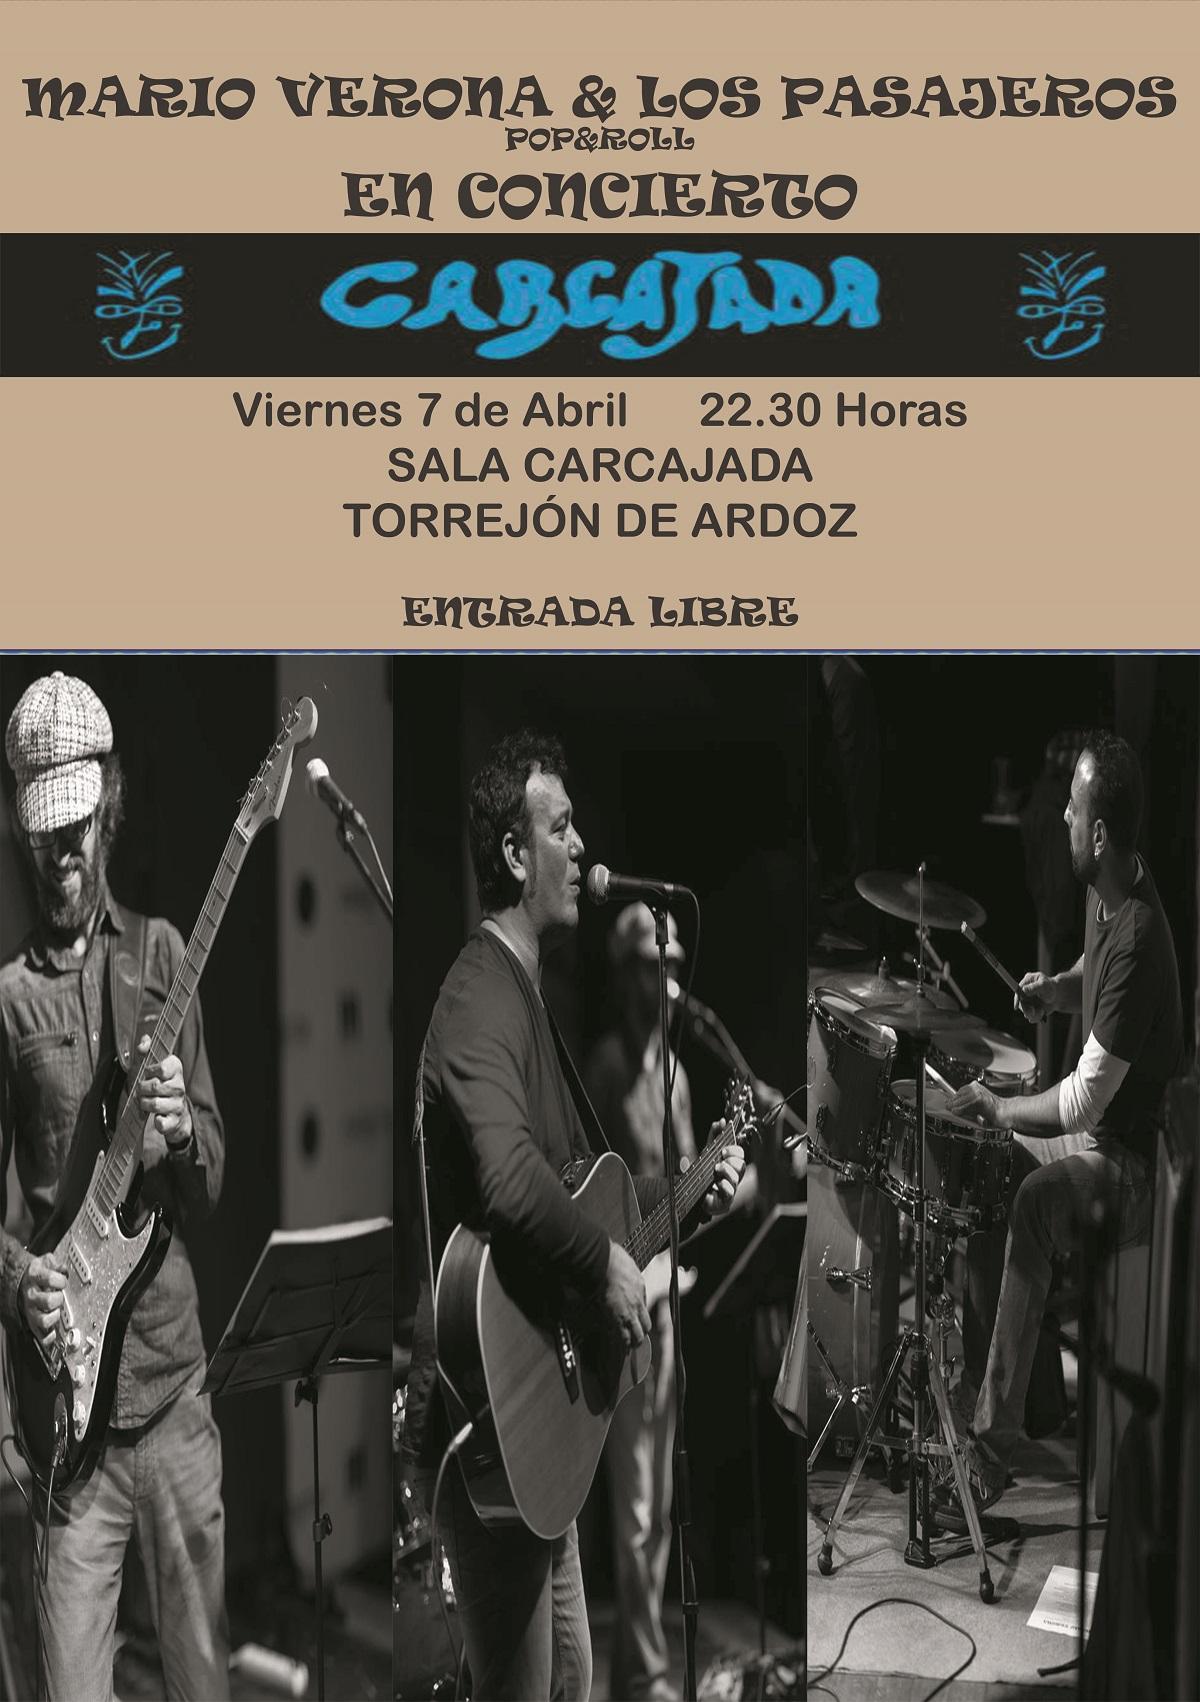 Mario Verona en concierto en Torrejón de Ardoz